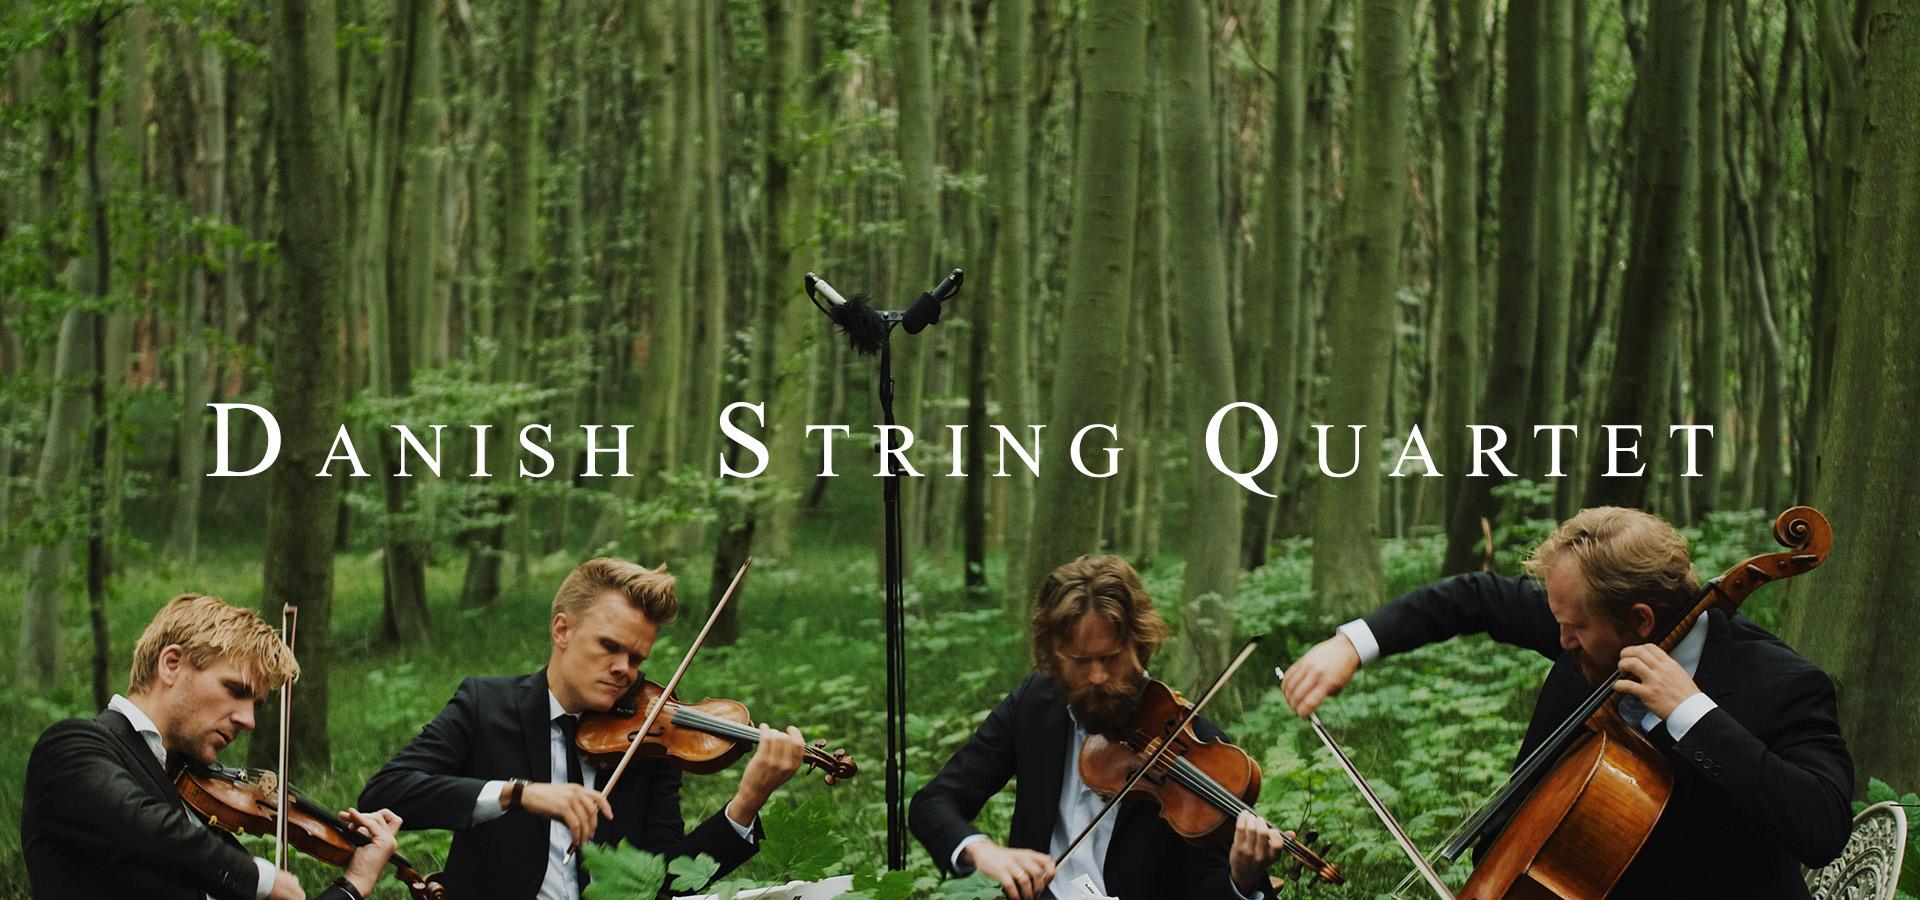 """<a href=""""https://www.moensessions.com/2019/11/30/danish-string-quartet/"""">September 2019</a>"""